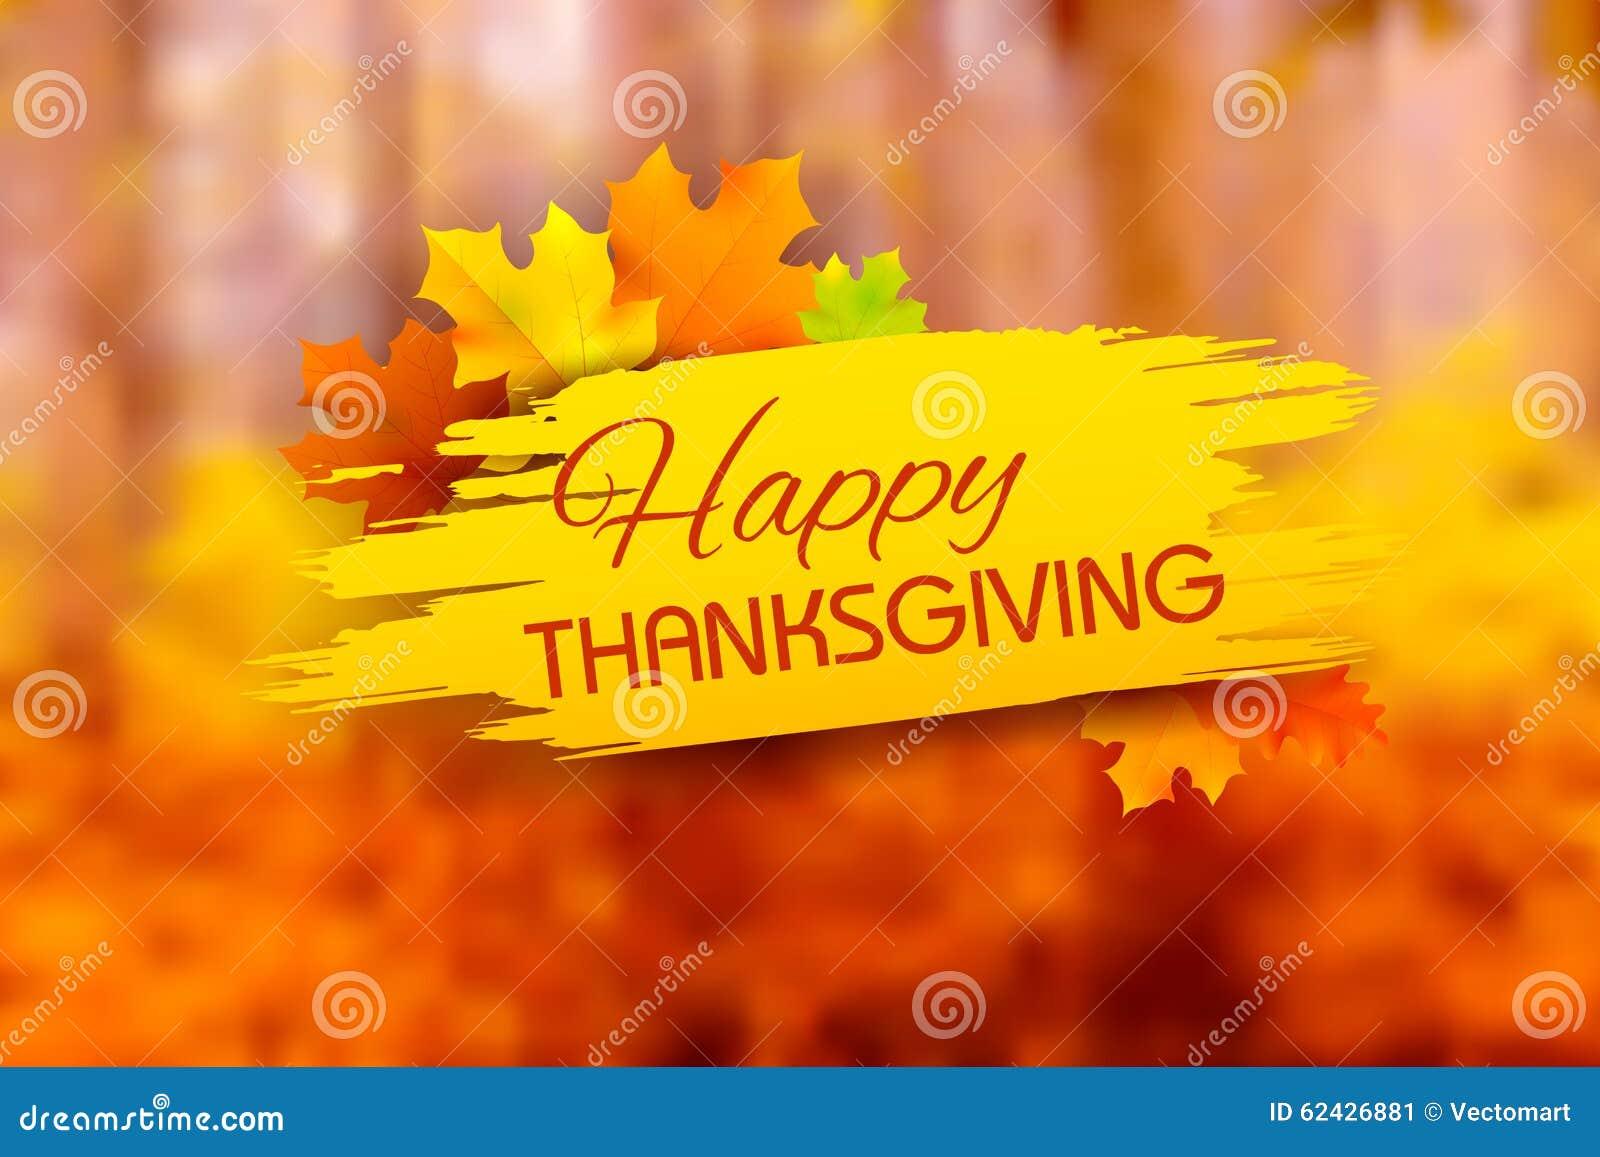 Fondo feliz de la acción de gracias con las hojas de arce